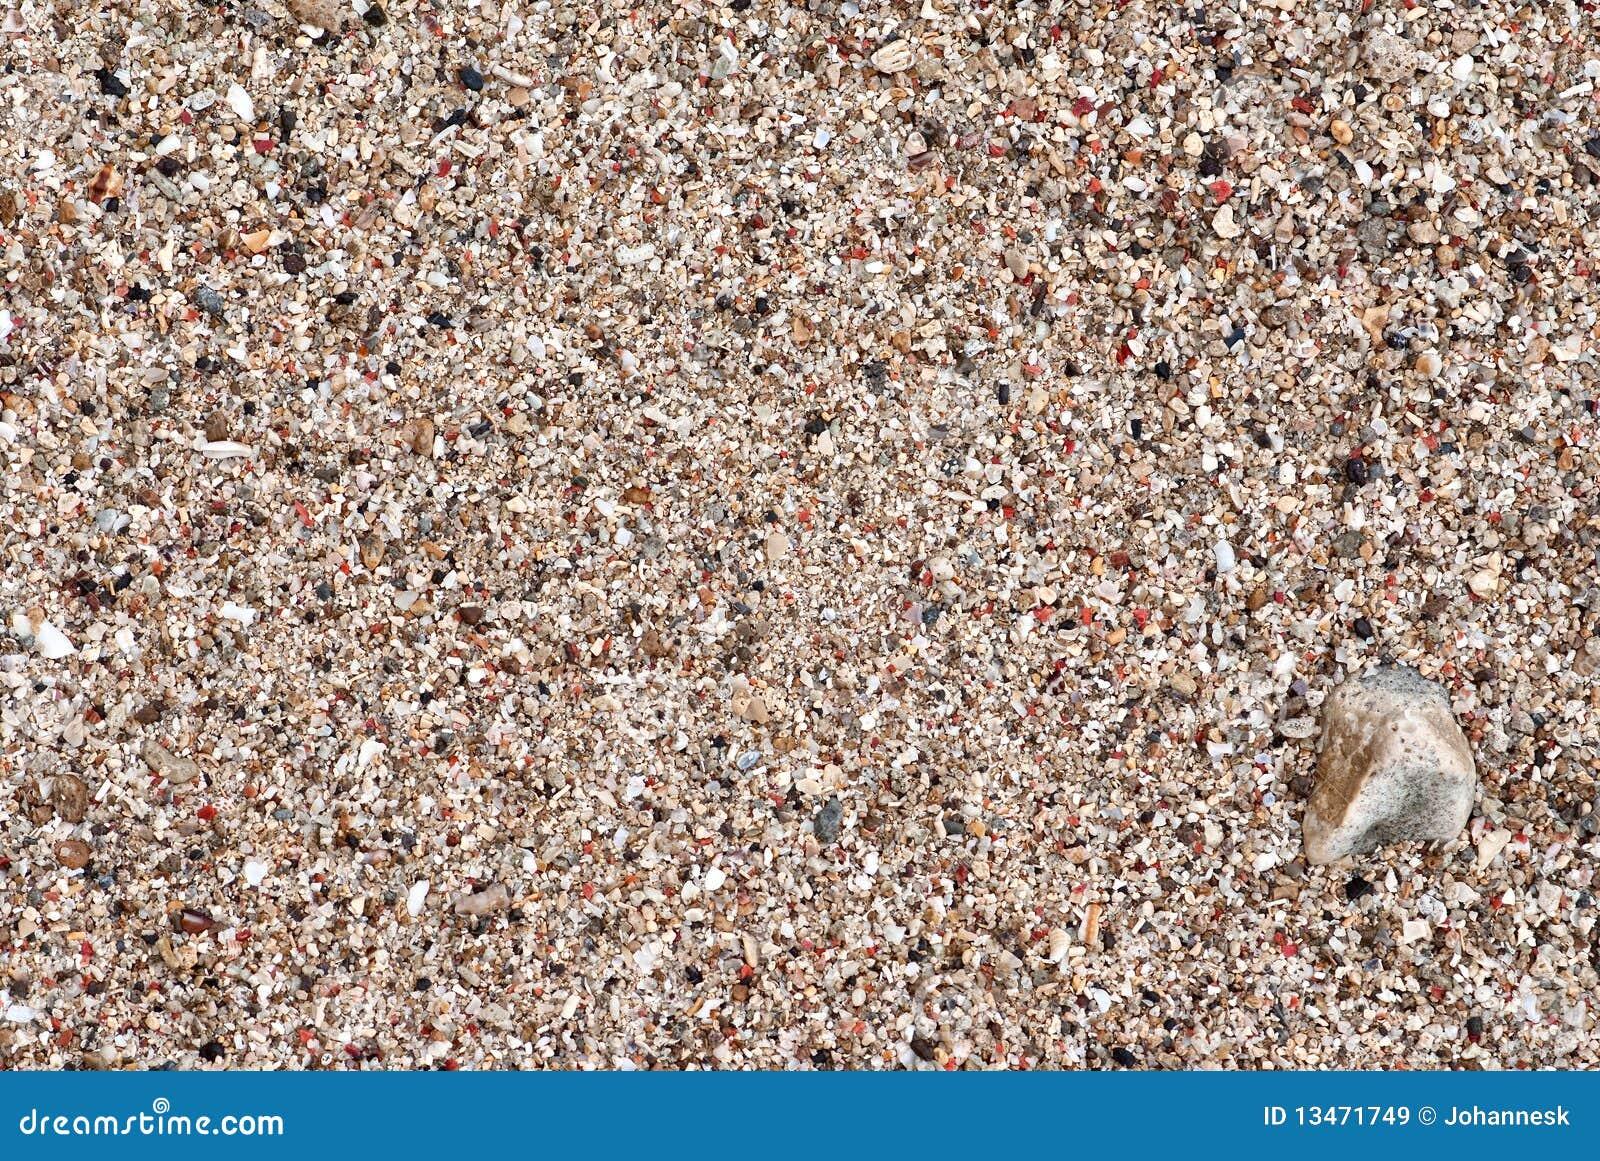 sable et gravier de bord de la mer image stock image du texture color 13471749. Black Bedroom Furniture Sets. Home Design Ideas